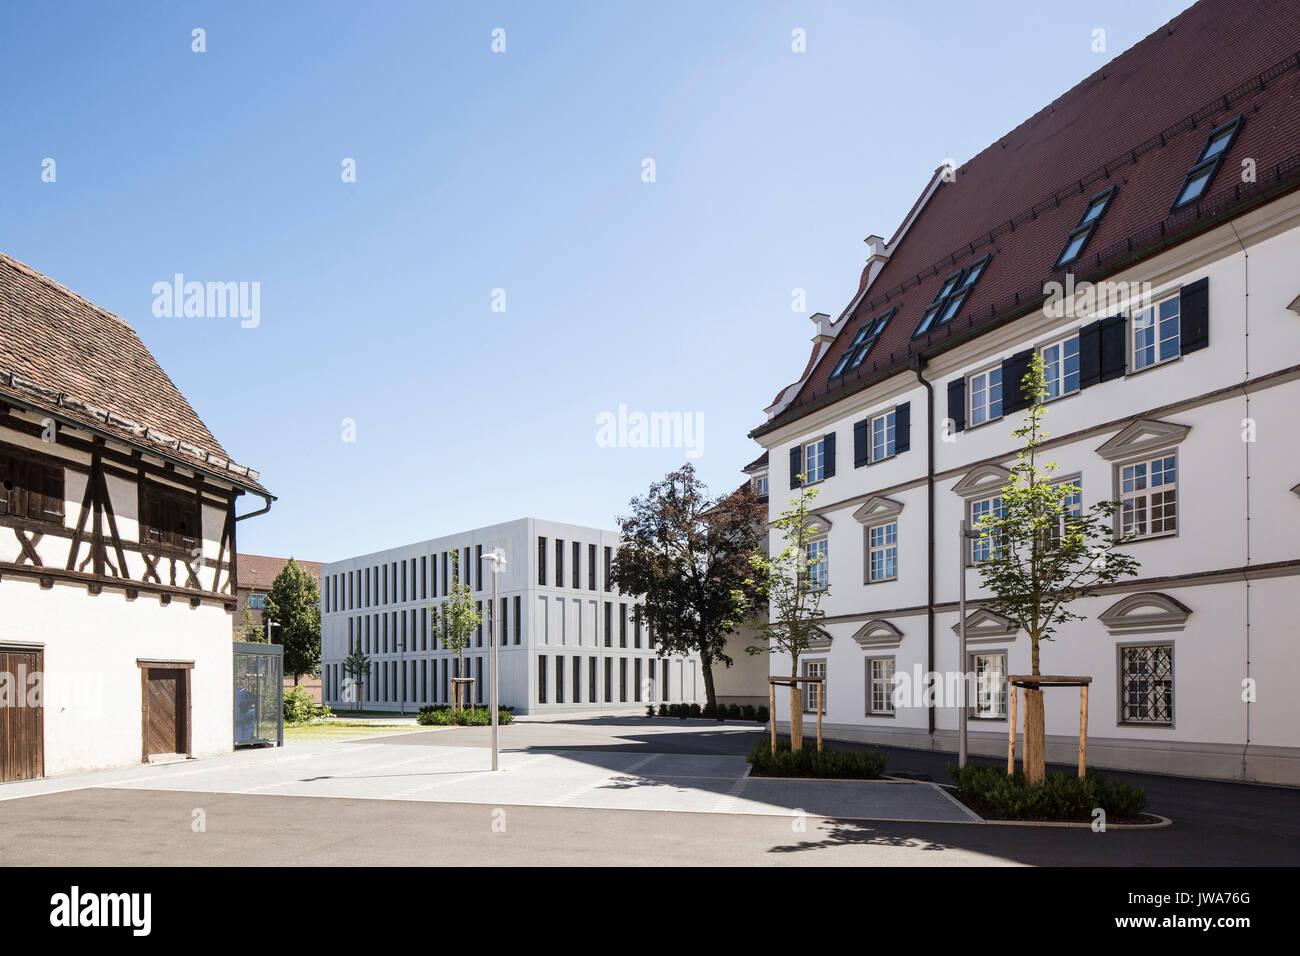 Architekten Biberach distant view with magistrate s court finanzamt finance office